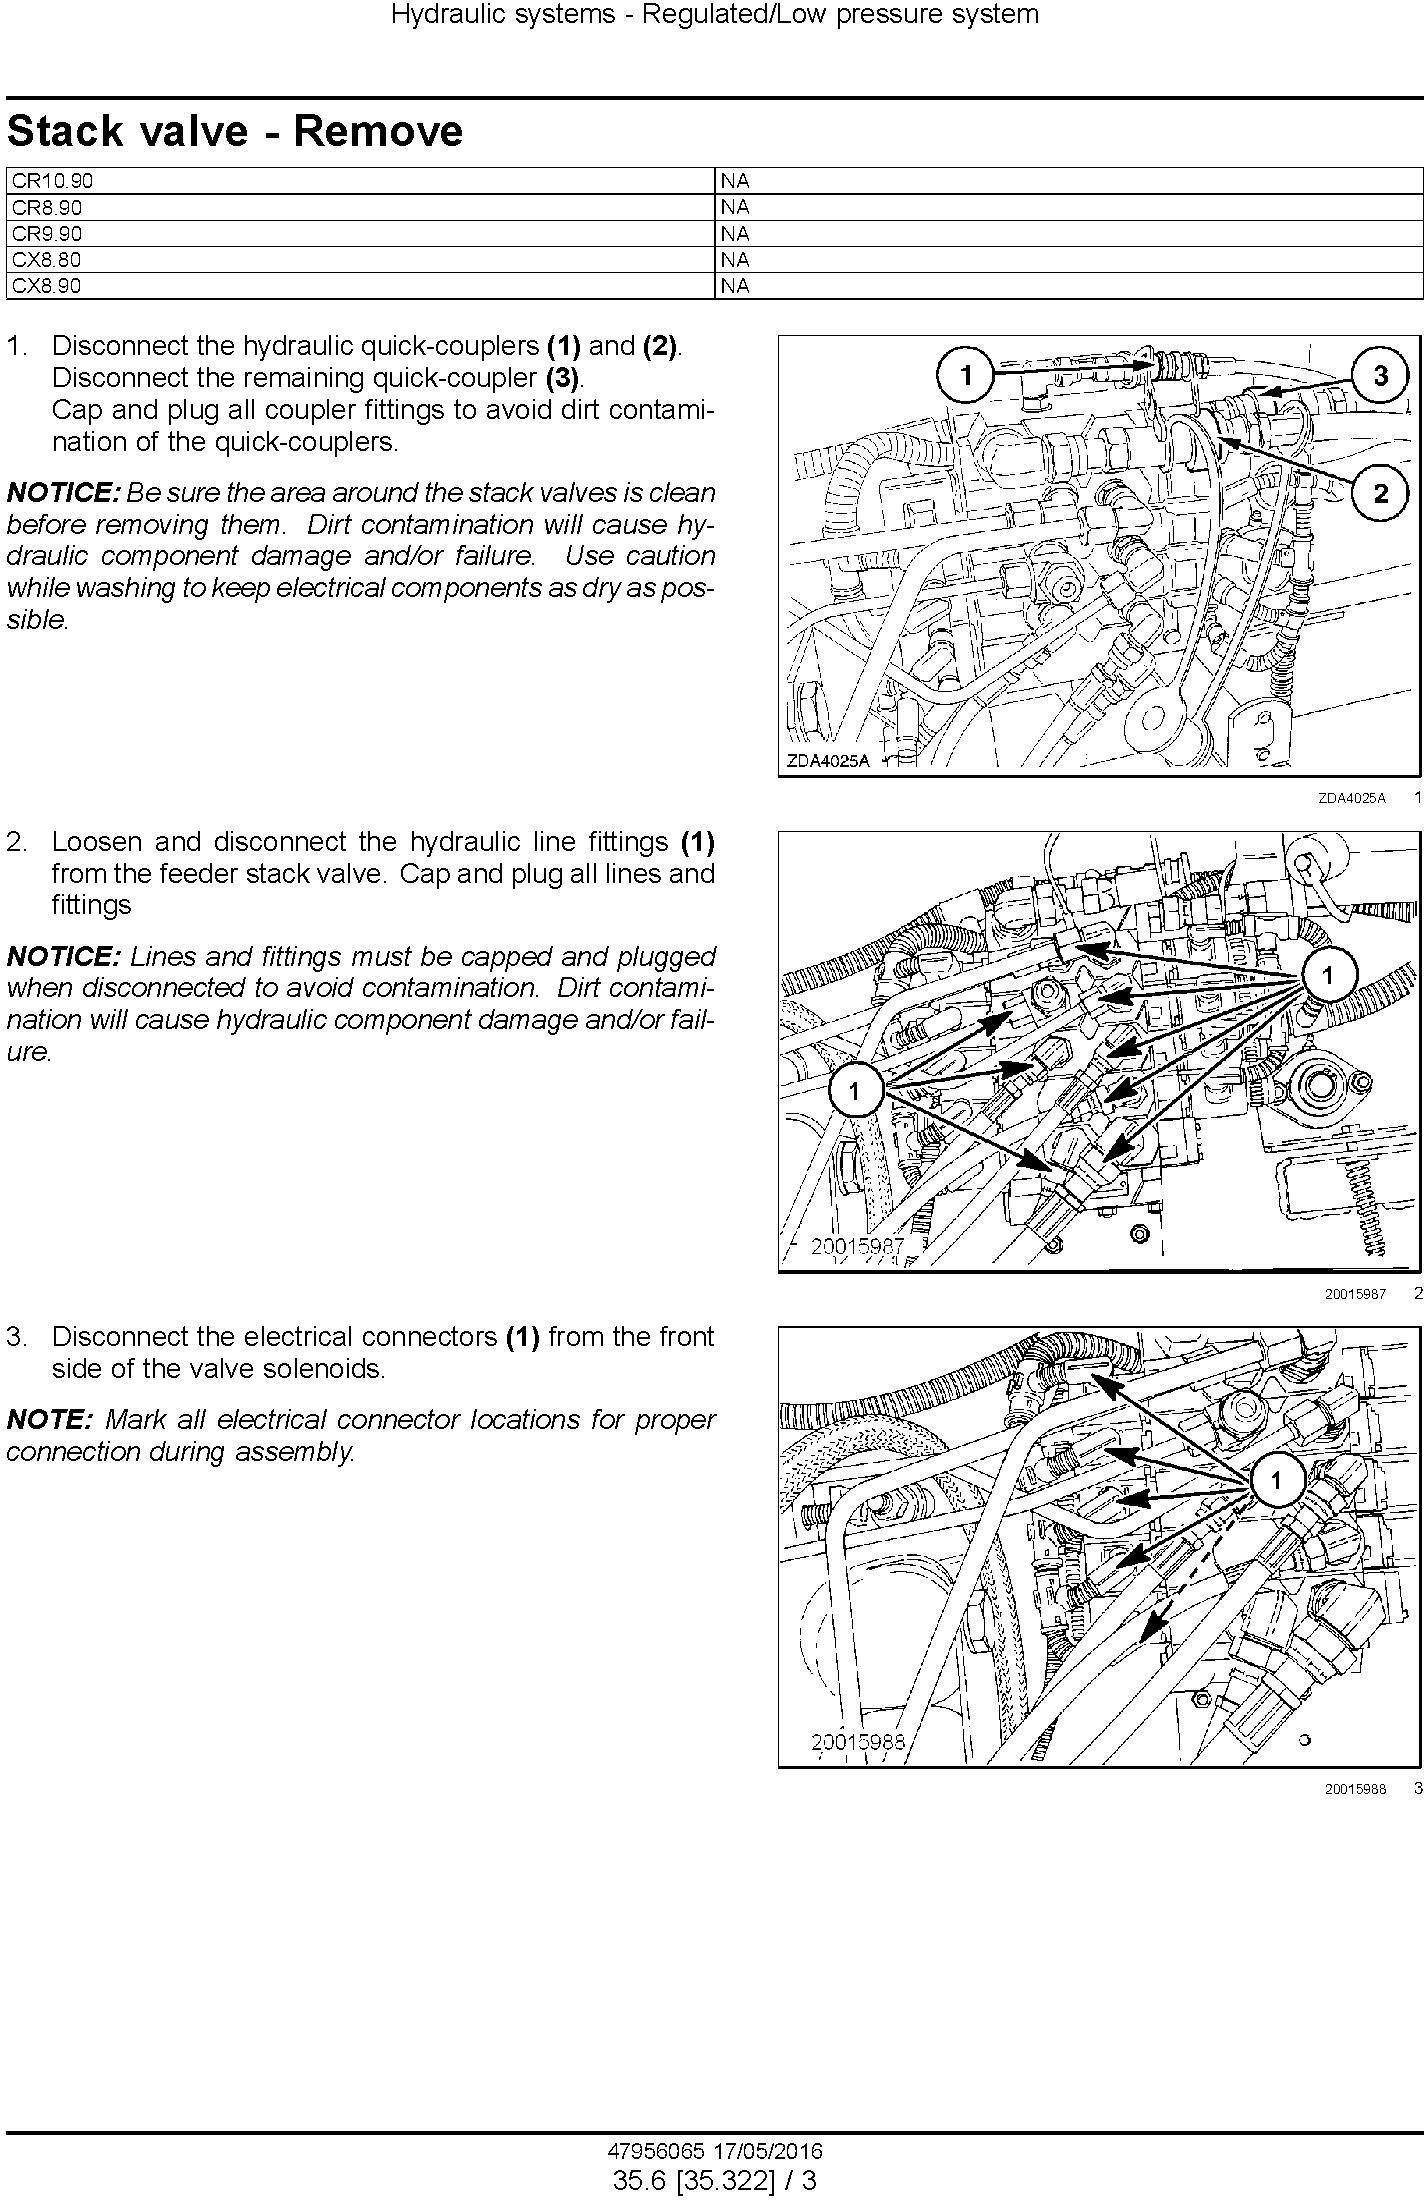 New Holland CR8.90, CR9.90, CX8.90, CR10.90, CX8.80 Combine Complete Service Manual (North America) - 2